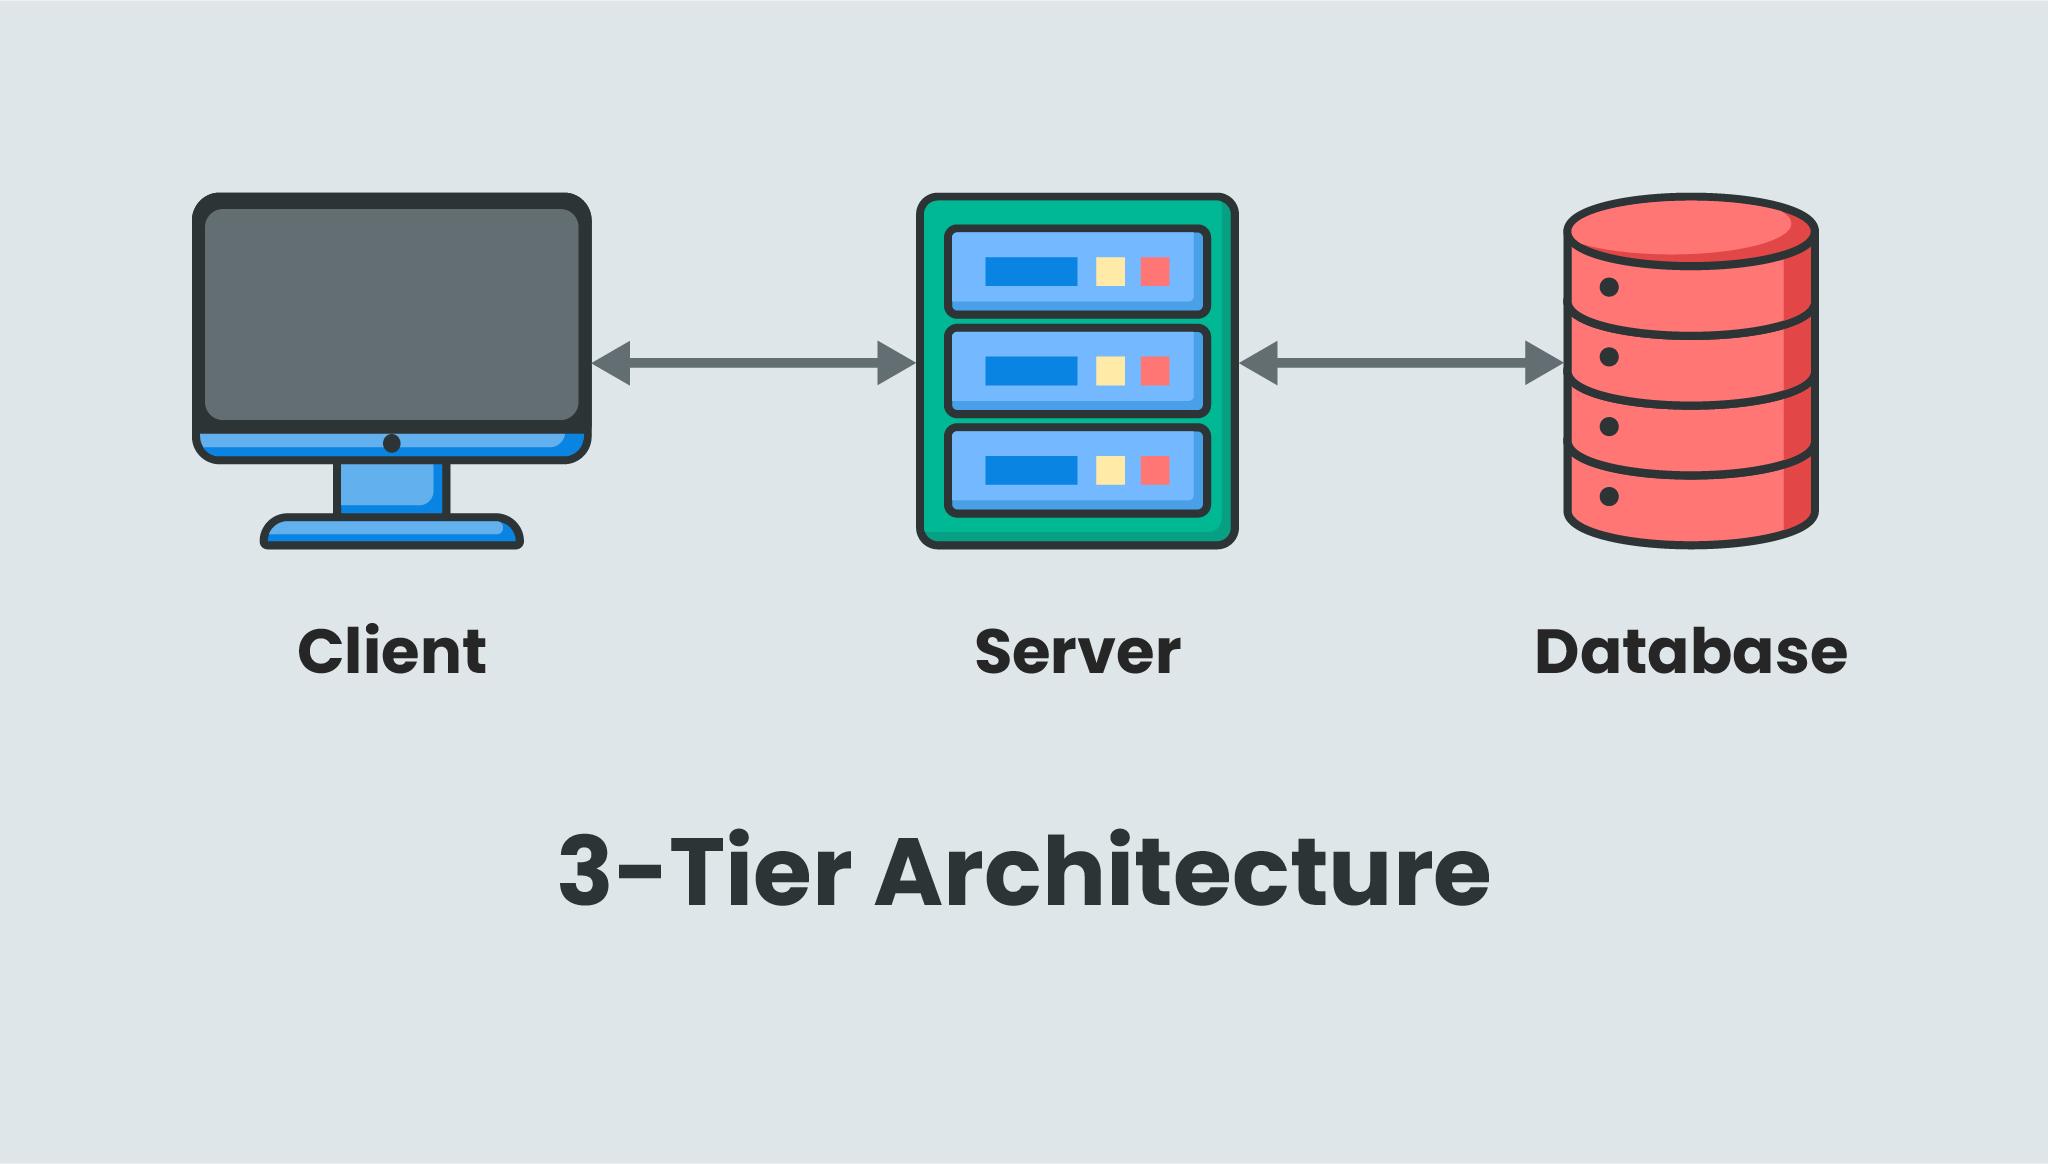 3-tier architecture